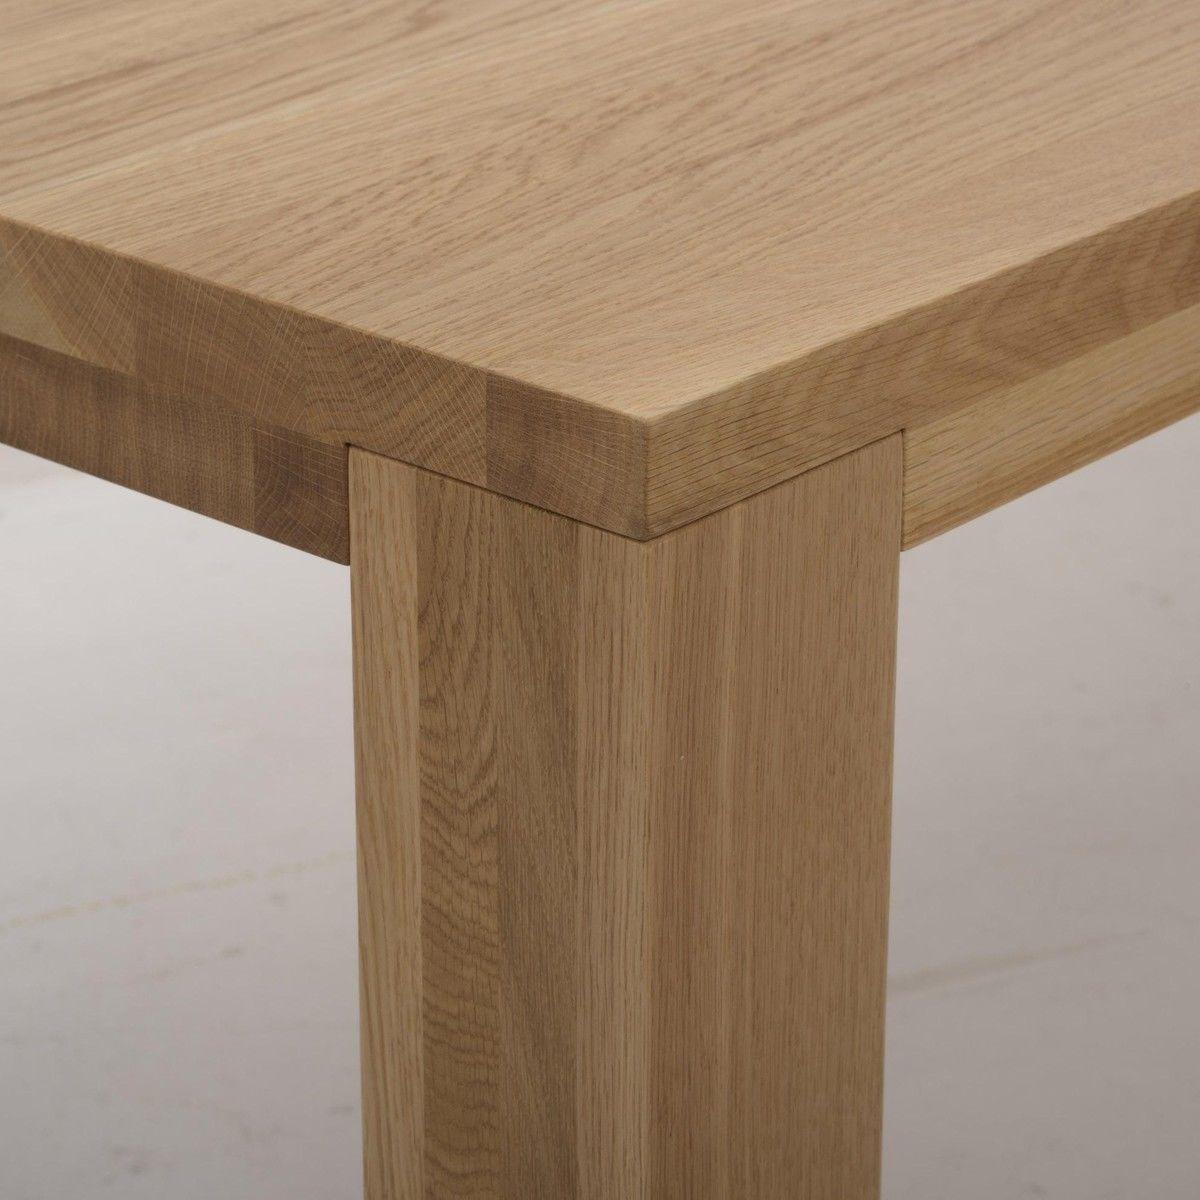 Loft table de salle manger en bois massif adwood for Salle a manger bois massif